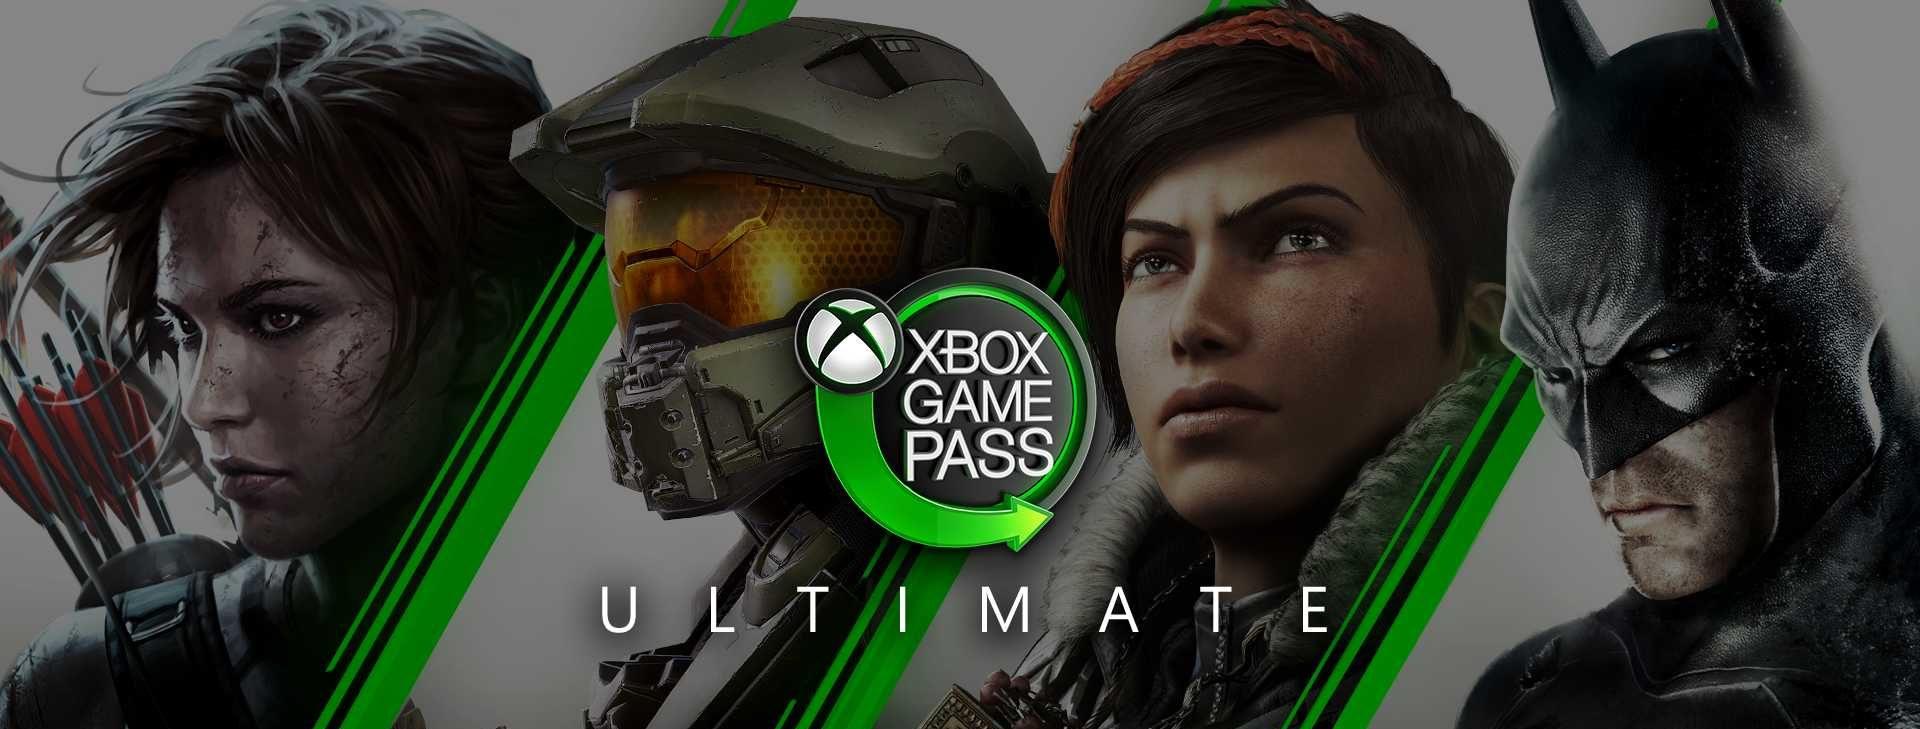 Xbox Game Pass noticia EA